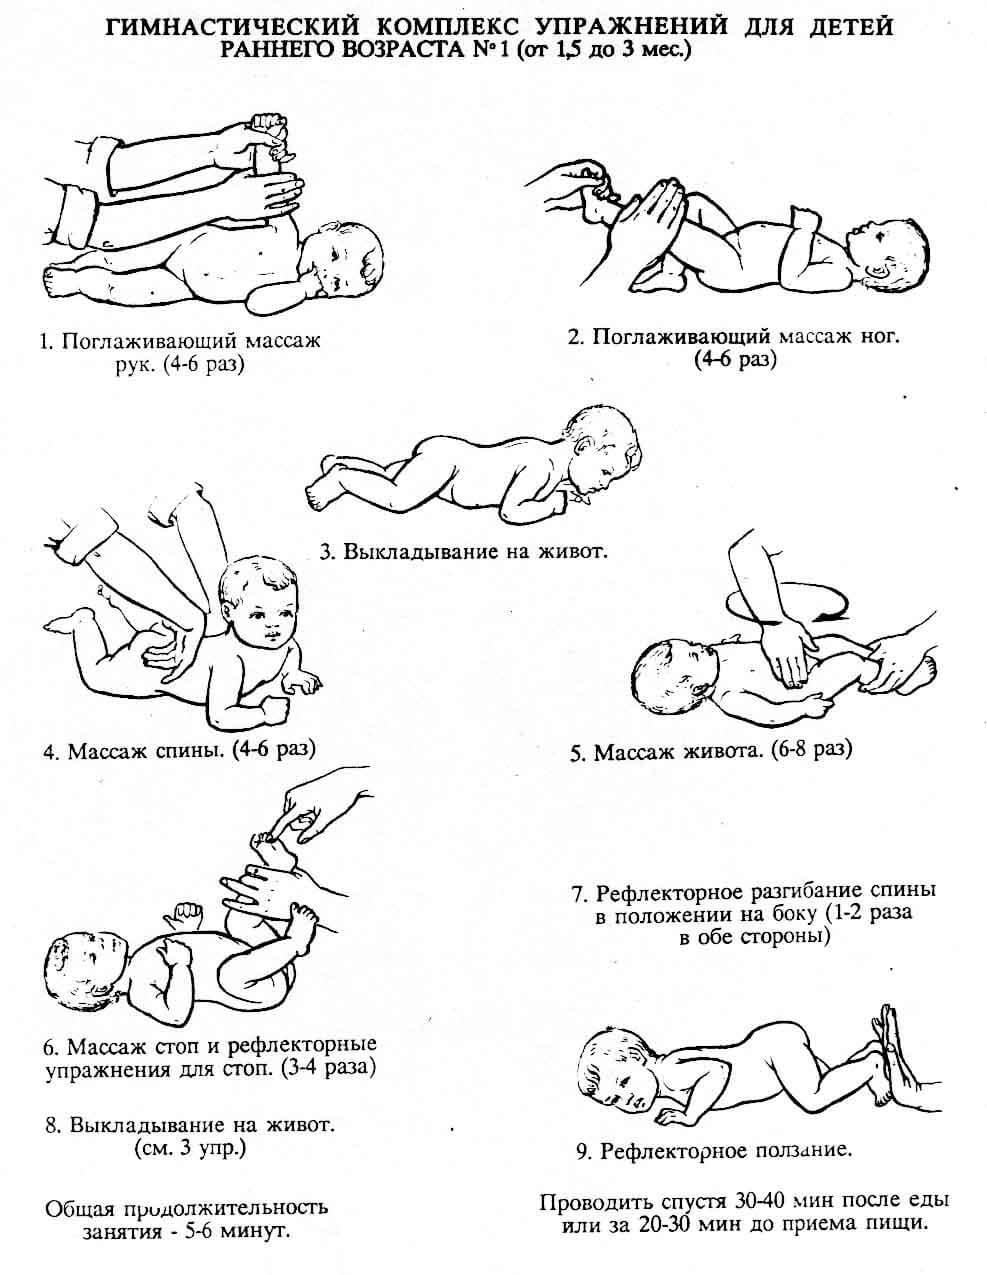 Массаж ребенку 1 месяц